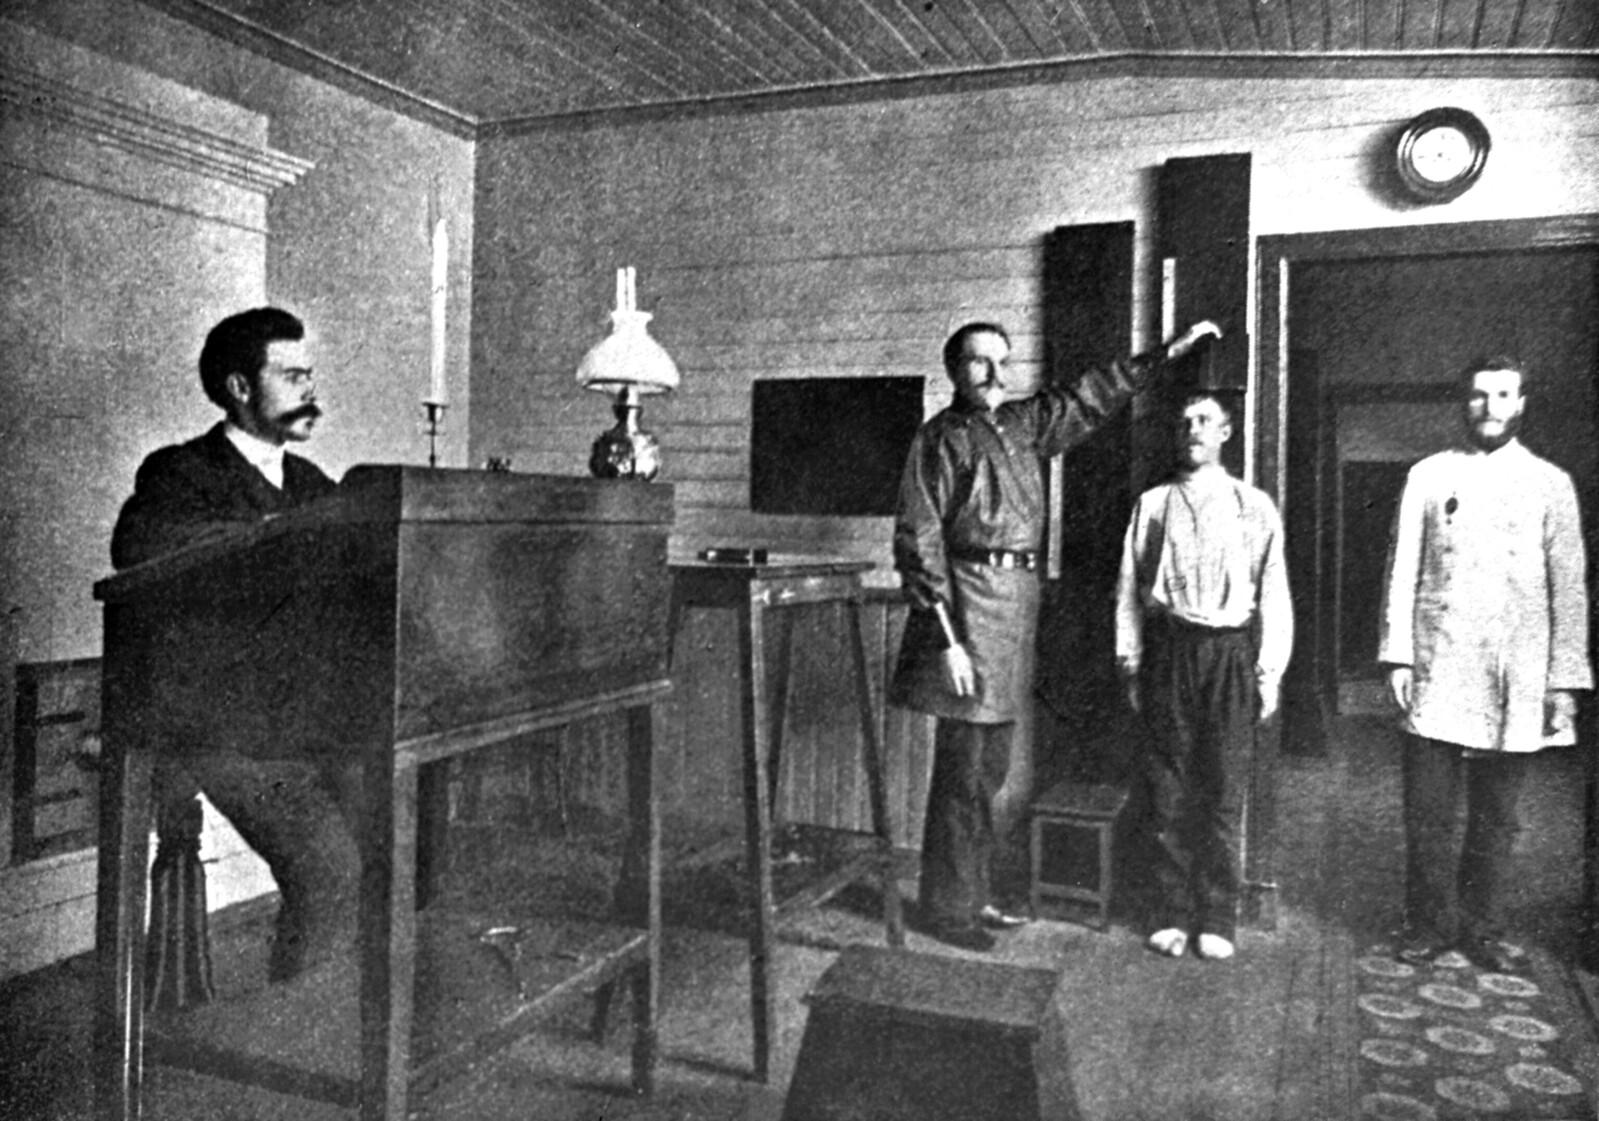 1905. Антропометрическое отделение Санкт-Петербургской сыскной полиции